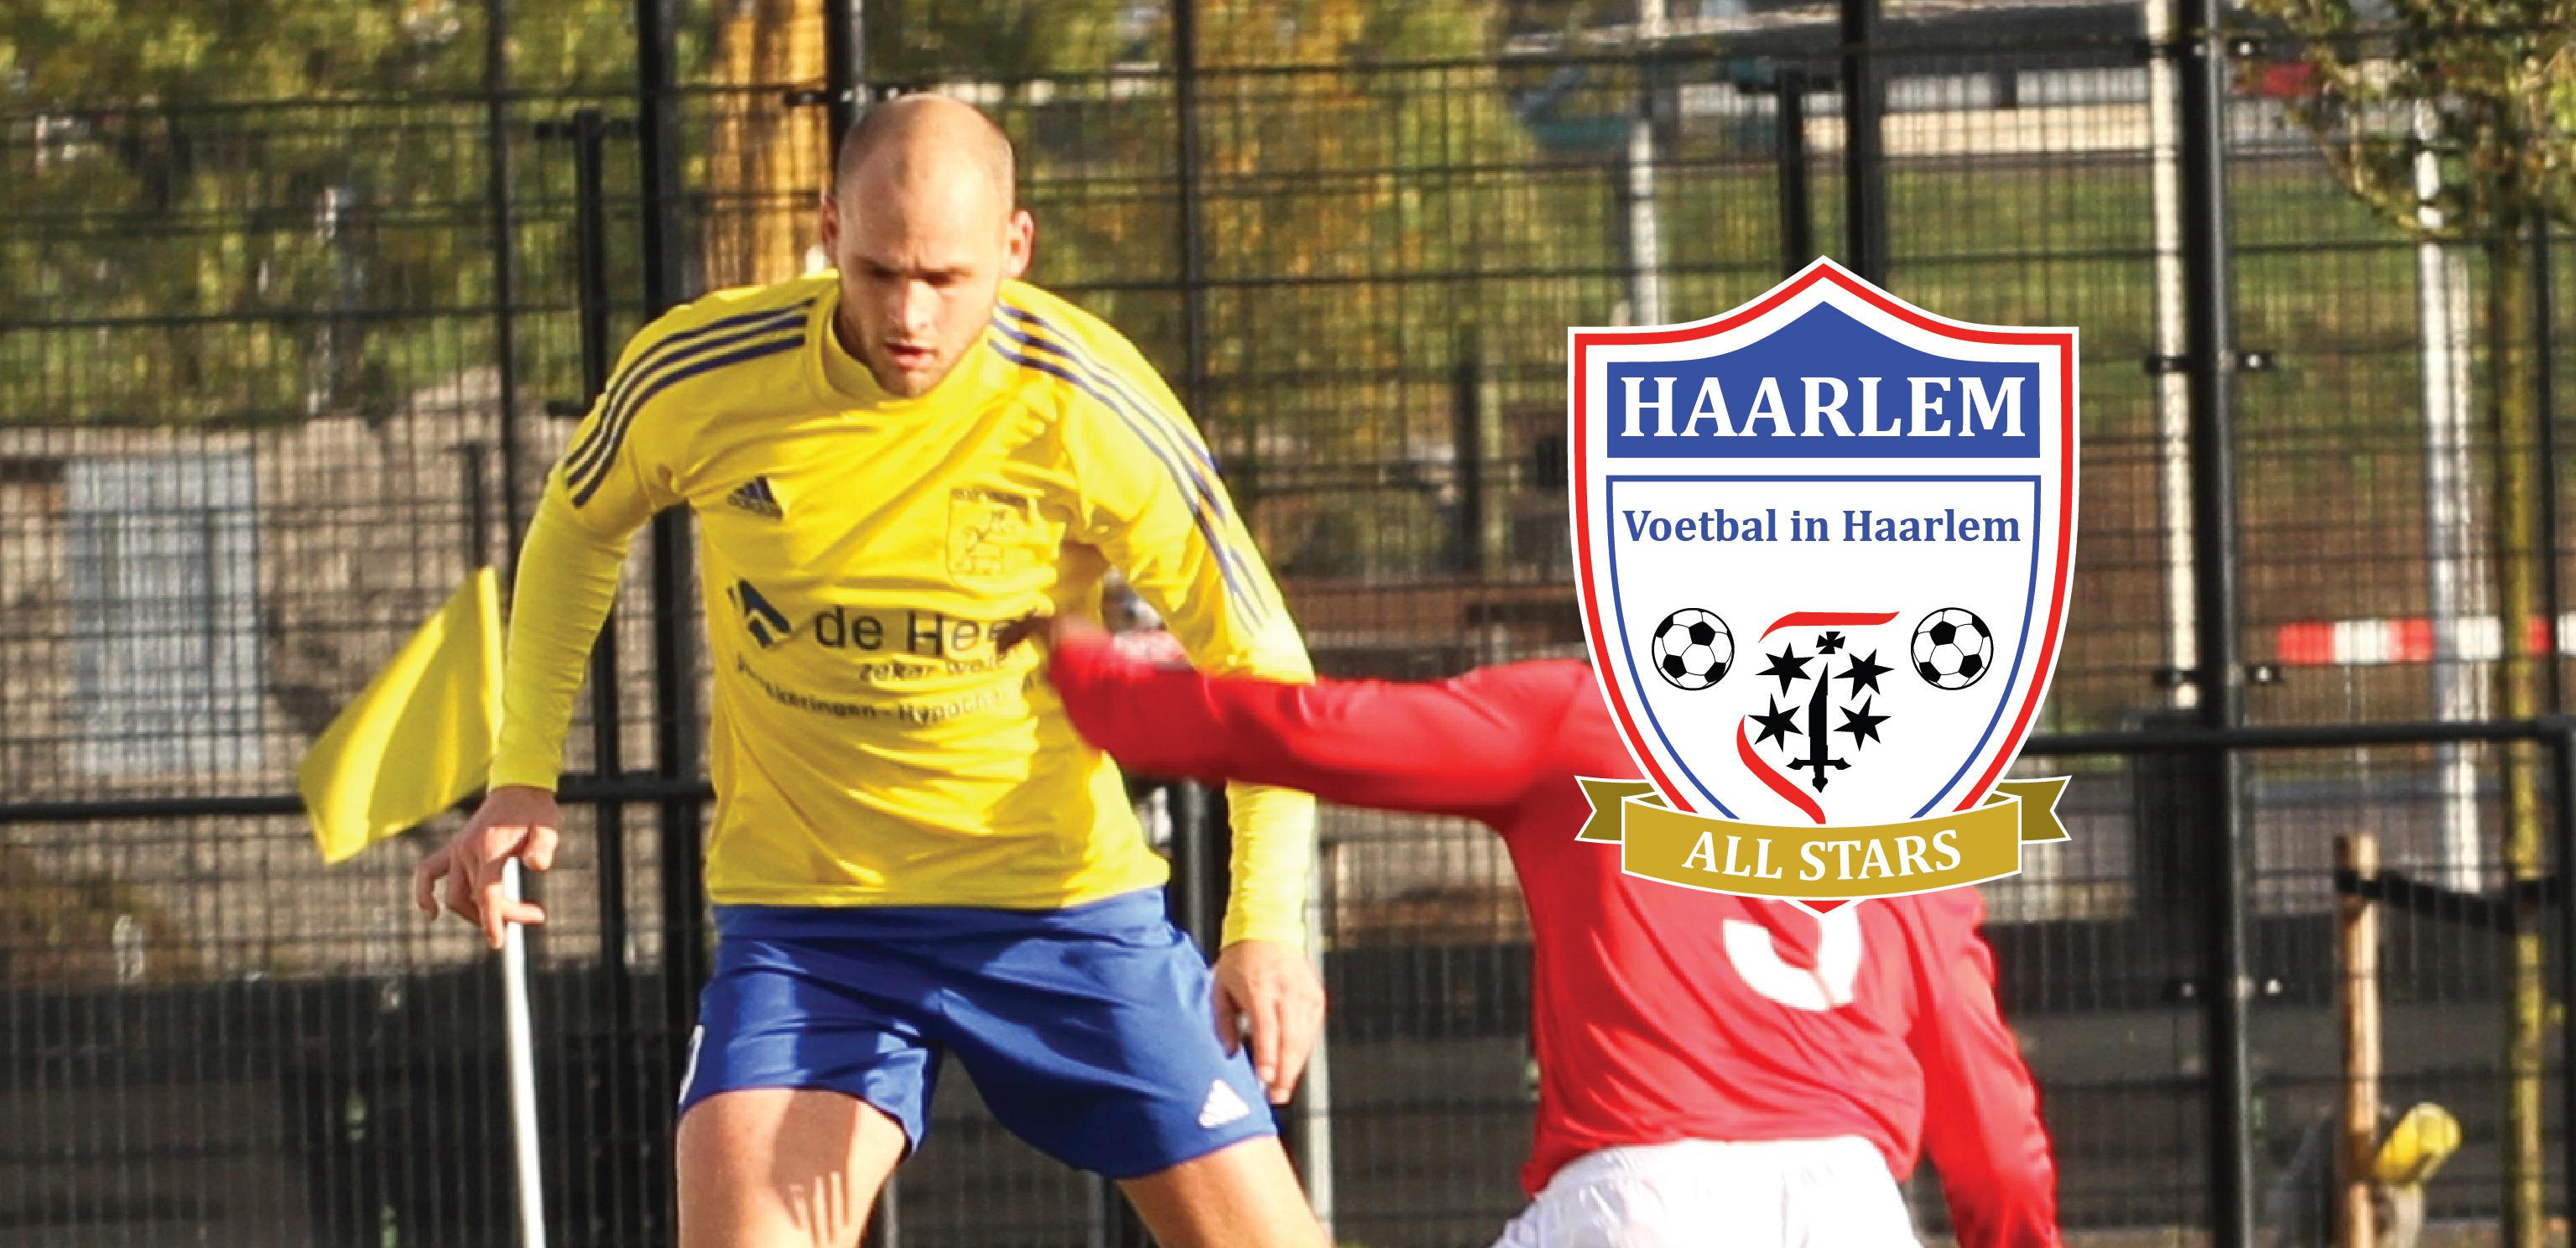 All Stars Groenewoud - Voetbal in Haarlem